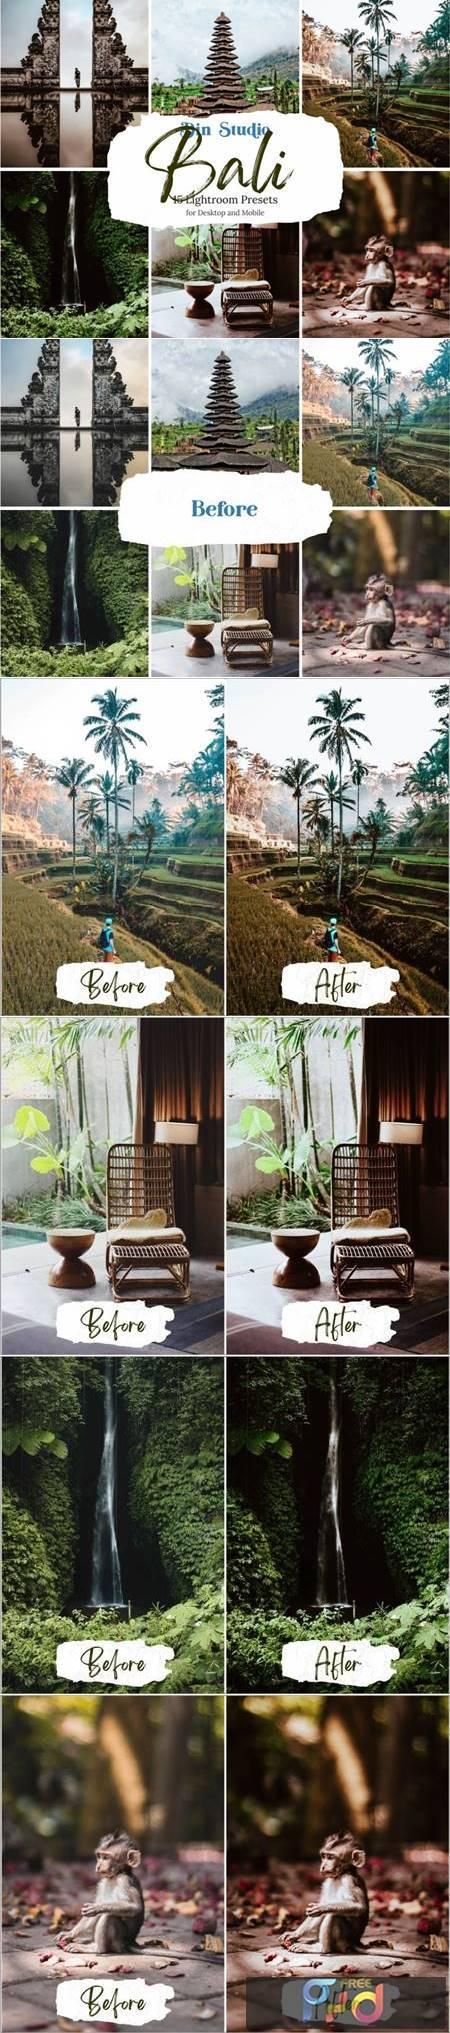 Bali Lightroom Presets 5580991 1